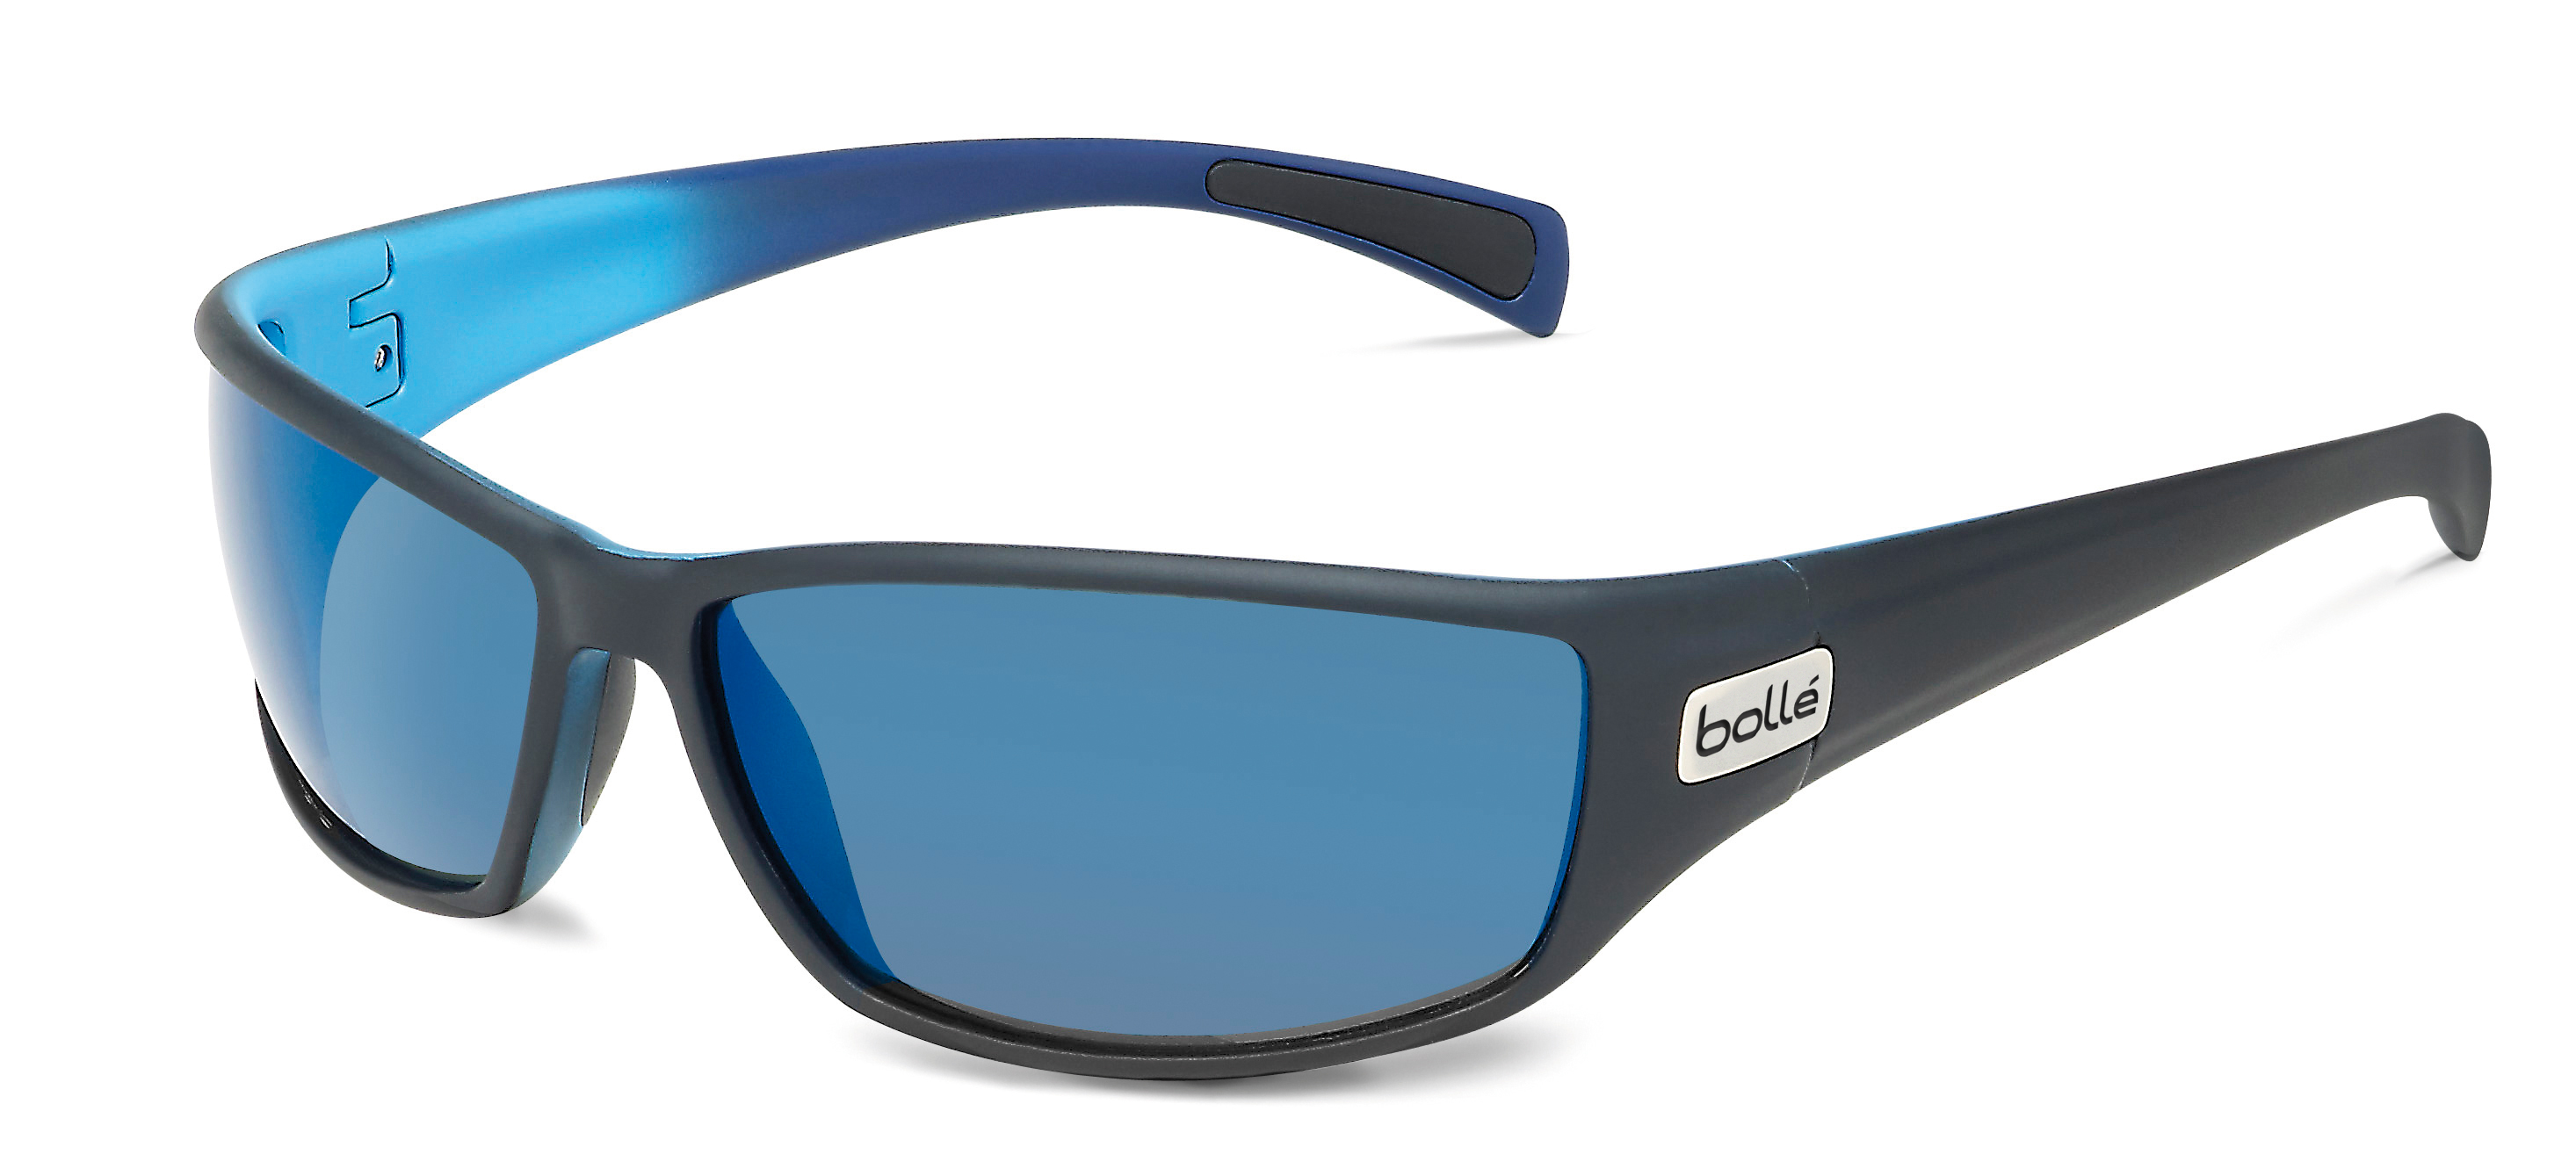 Luxusmode zu Füßen bei am besten bewerteten neuesten Bollé Sonnenbrille Python